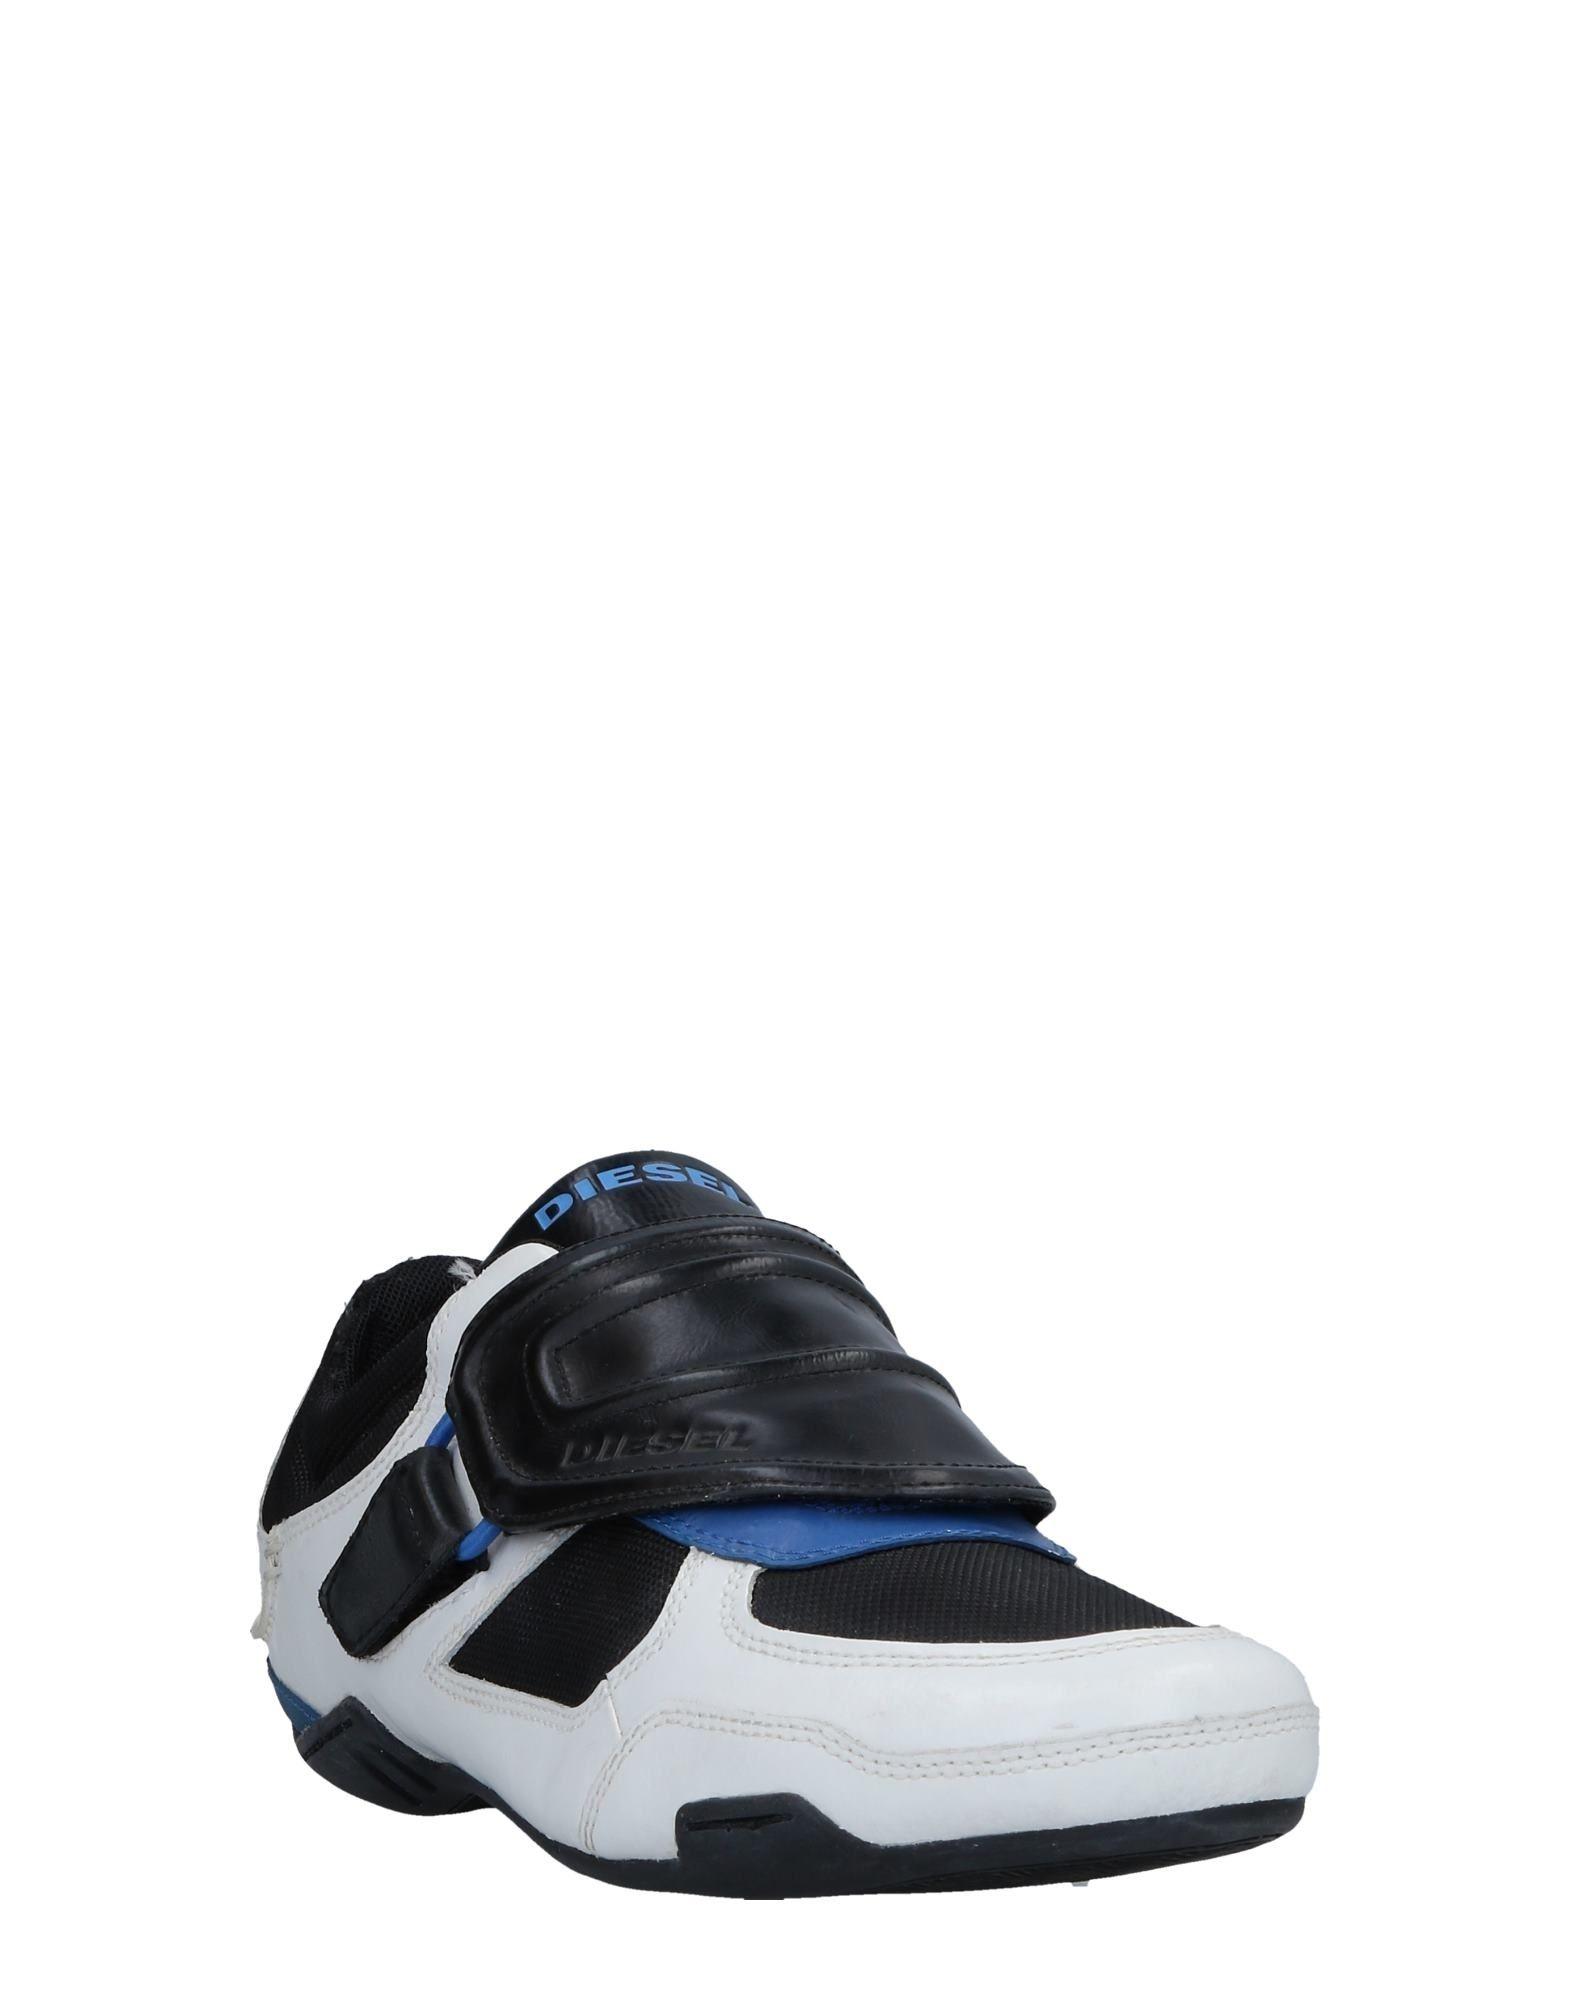 Rabatt echte  Schuhe Diesel Sneakers Herren  echte 11519387VR 197979